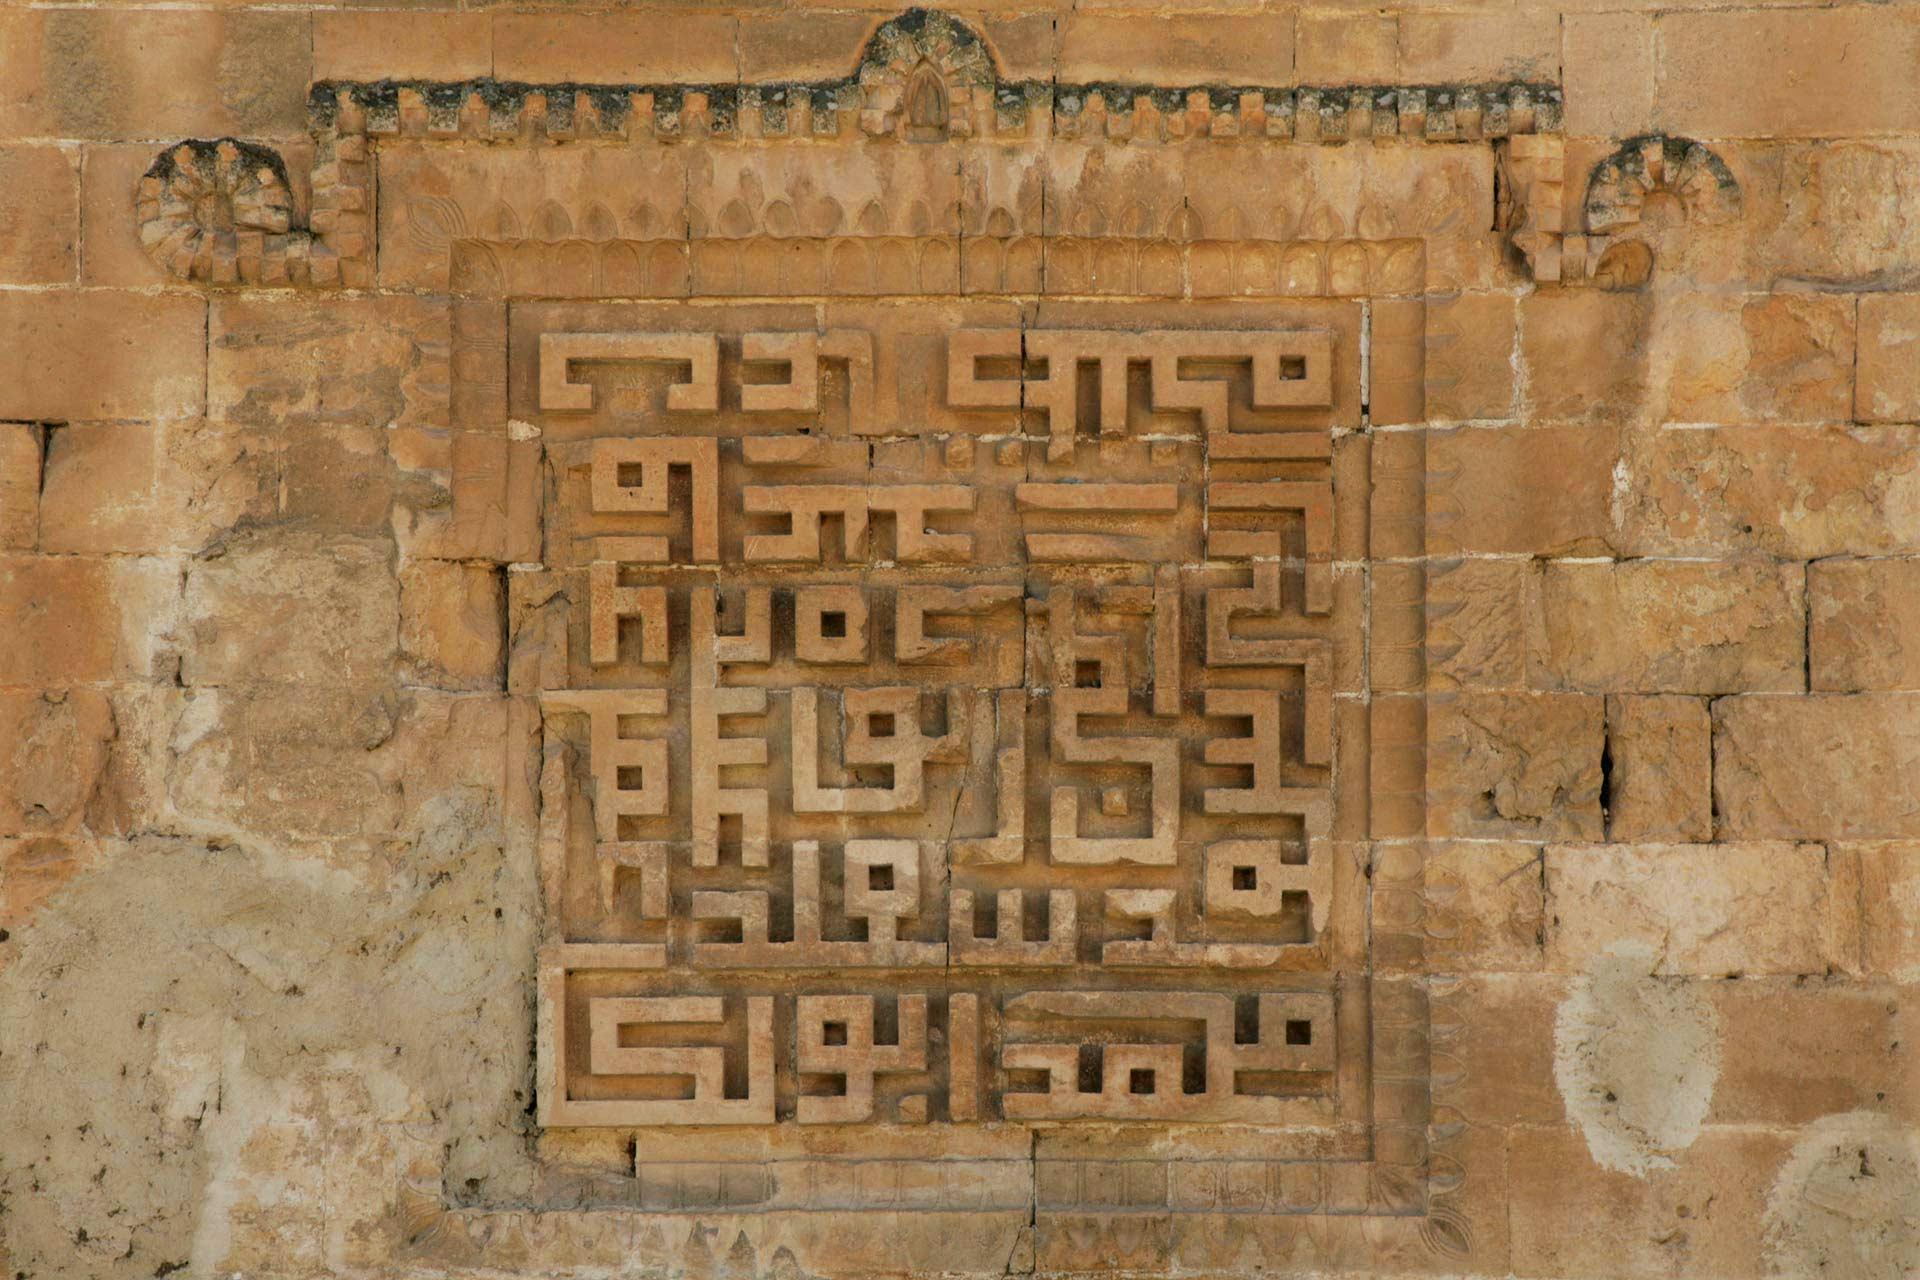 Quadratkufi, hier im Sockel des Minaretts der El-Rizk Moschee, ist eine sehr stark vereinfachte Variante der kufischen Schrift, die in der islamischen Architektur verwendet wurde. Das entstehende geometrische Muster besteht aus Wiederholungen von Namen wie Allah, Mohammed und Ali. Aber auch längere Texte werden manchmal in quadratischem Kufi verfasst und sind oft schwer zu entziffern.